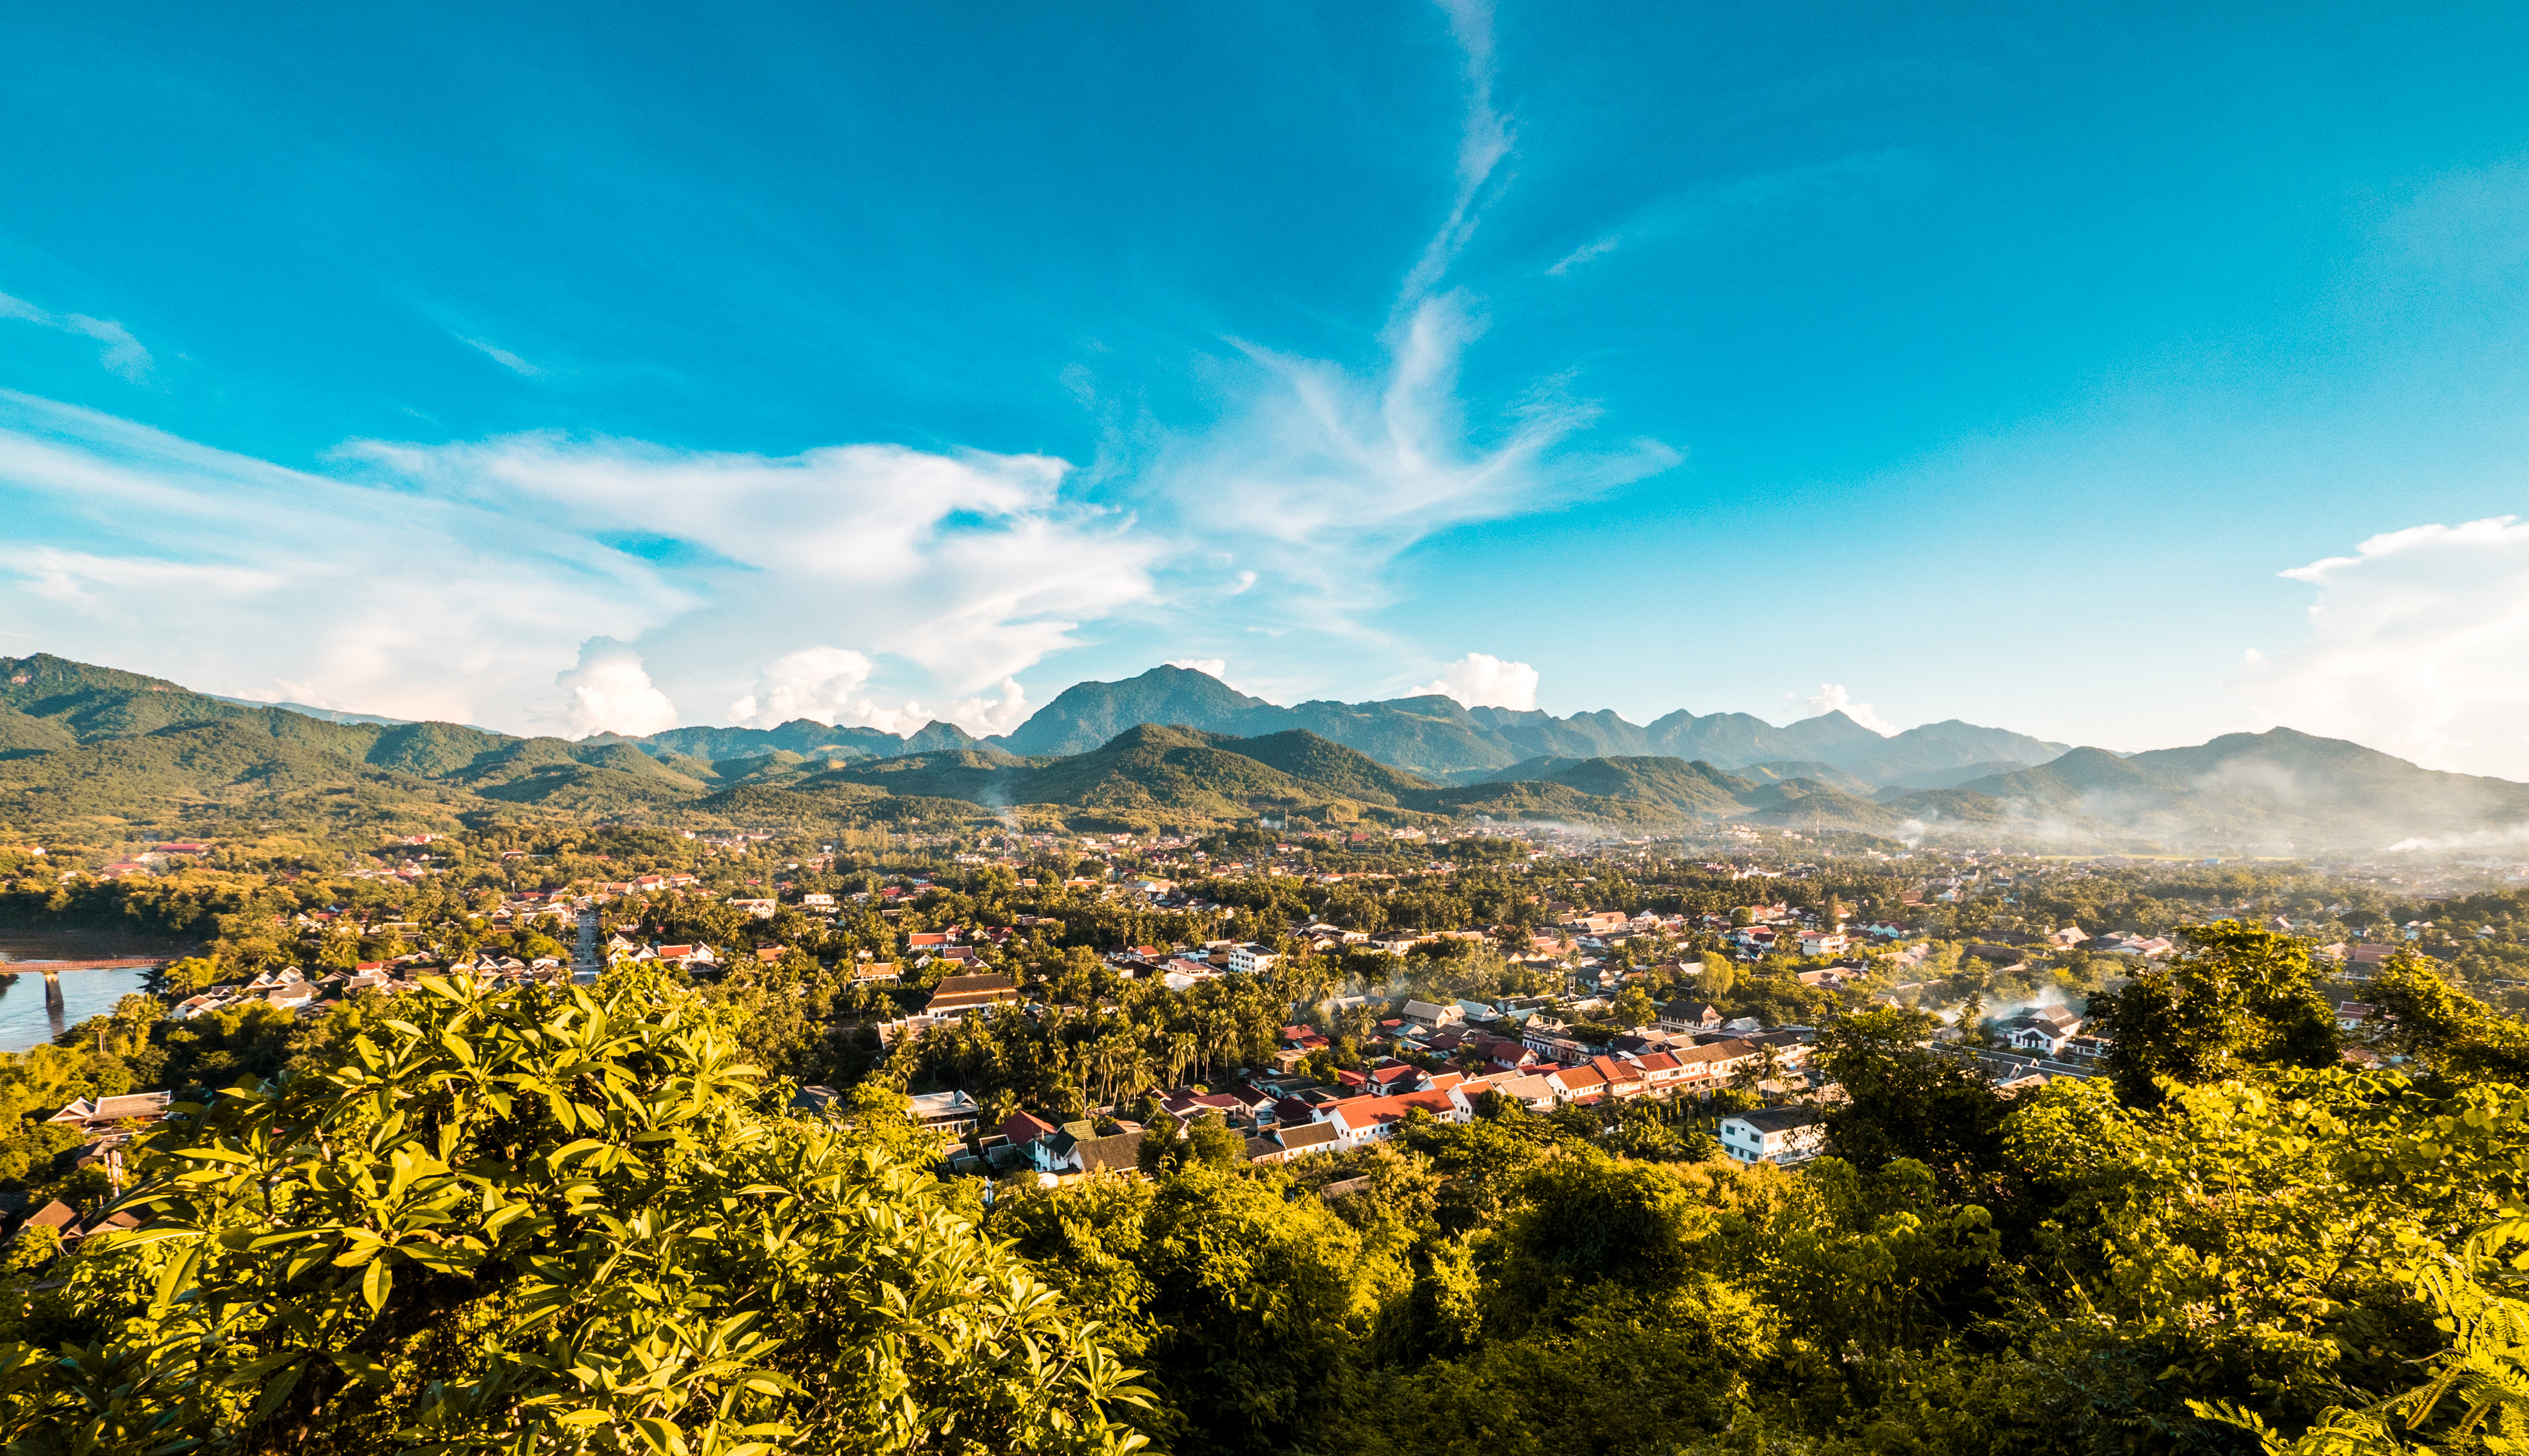 Disfrutar de las mejores vistas de Luang Prabang - Vietnam Gran Viaje Gran Tour de Indochina